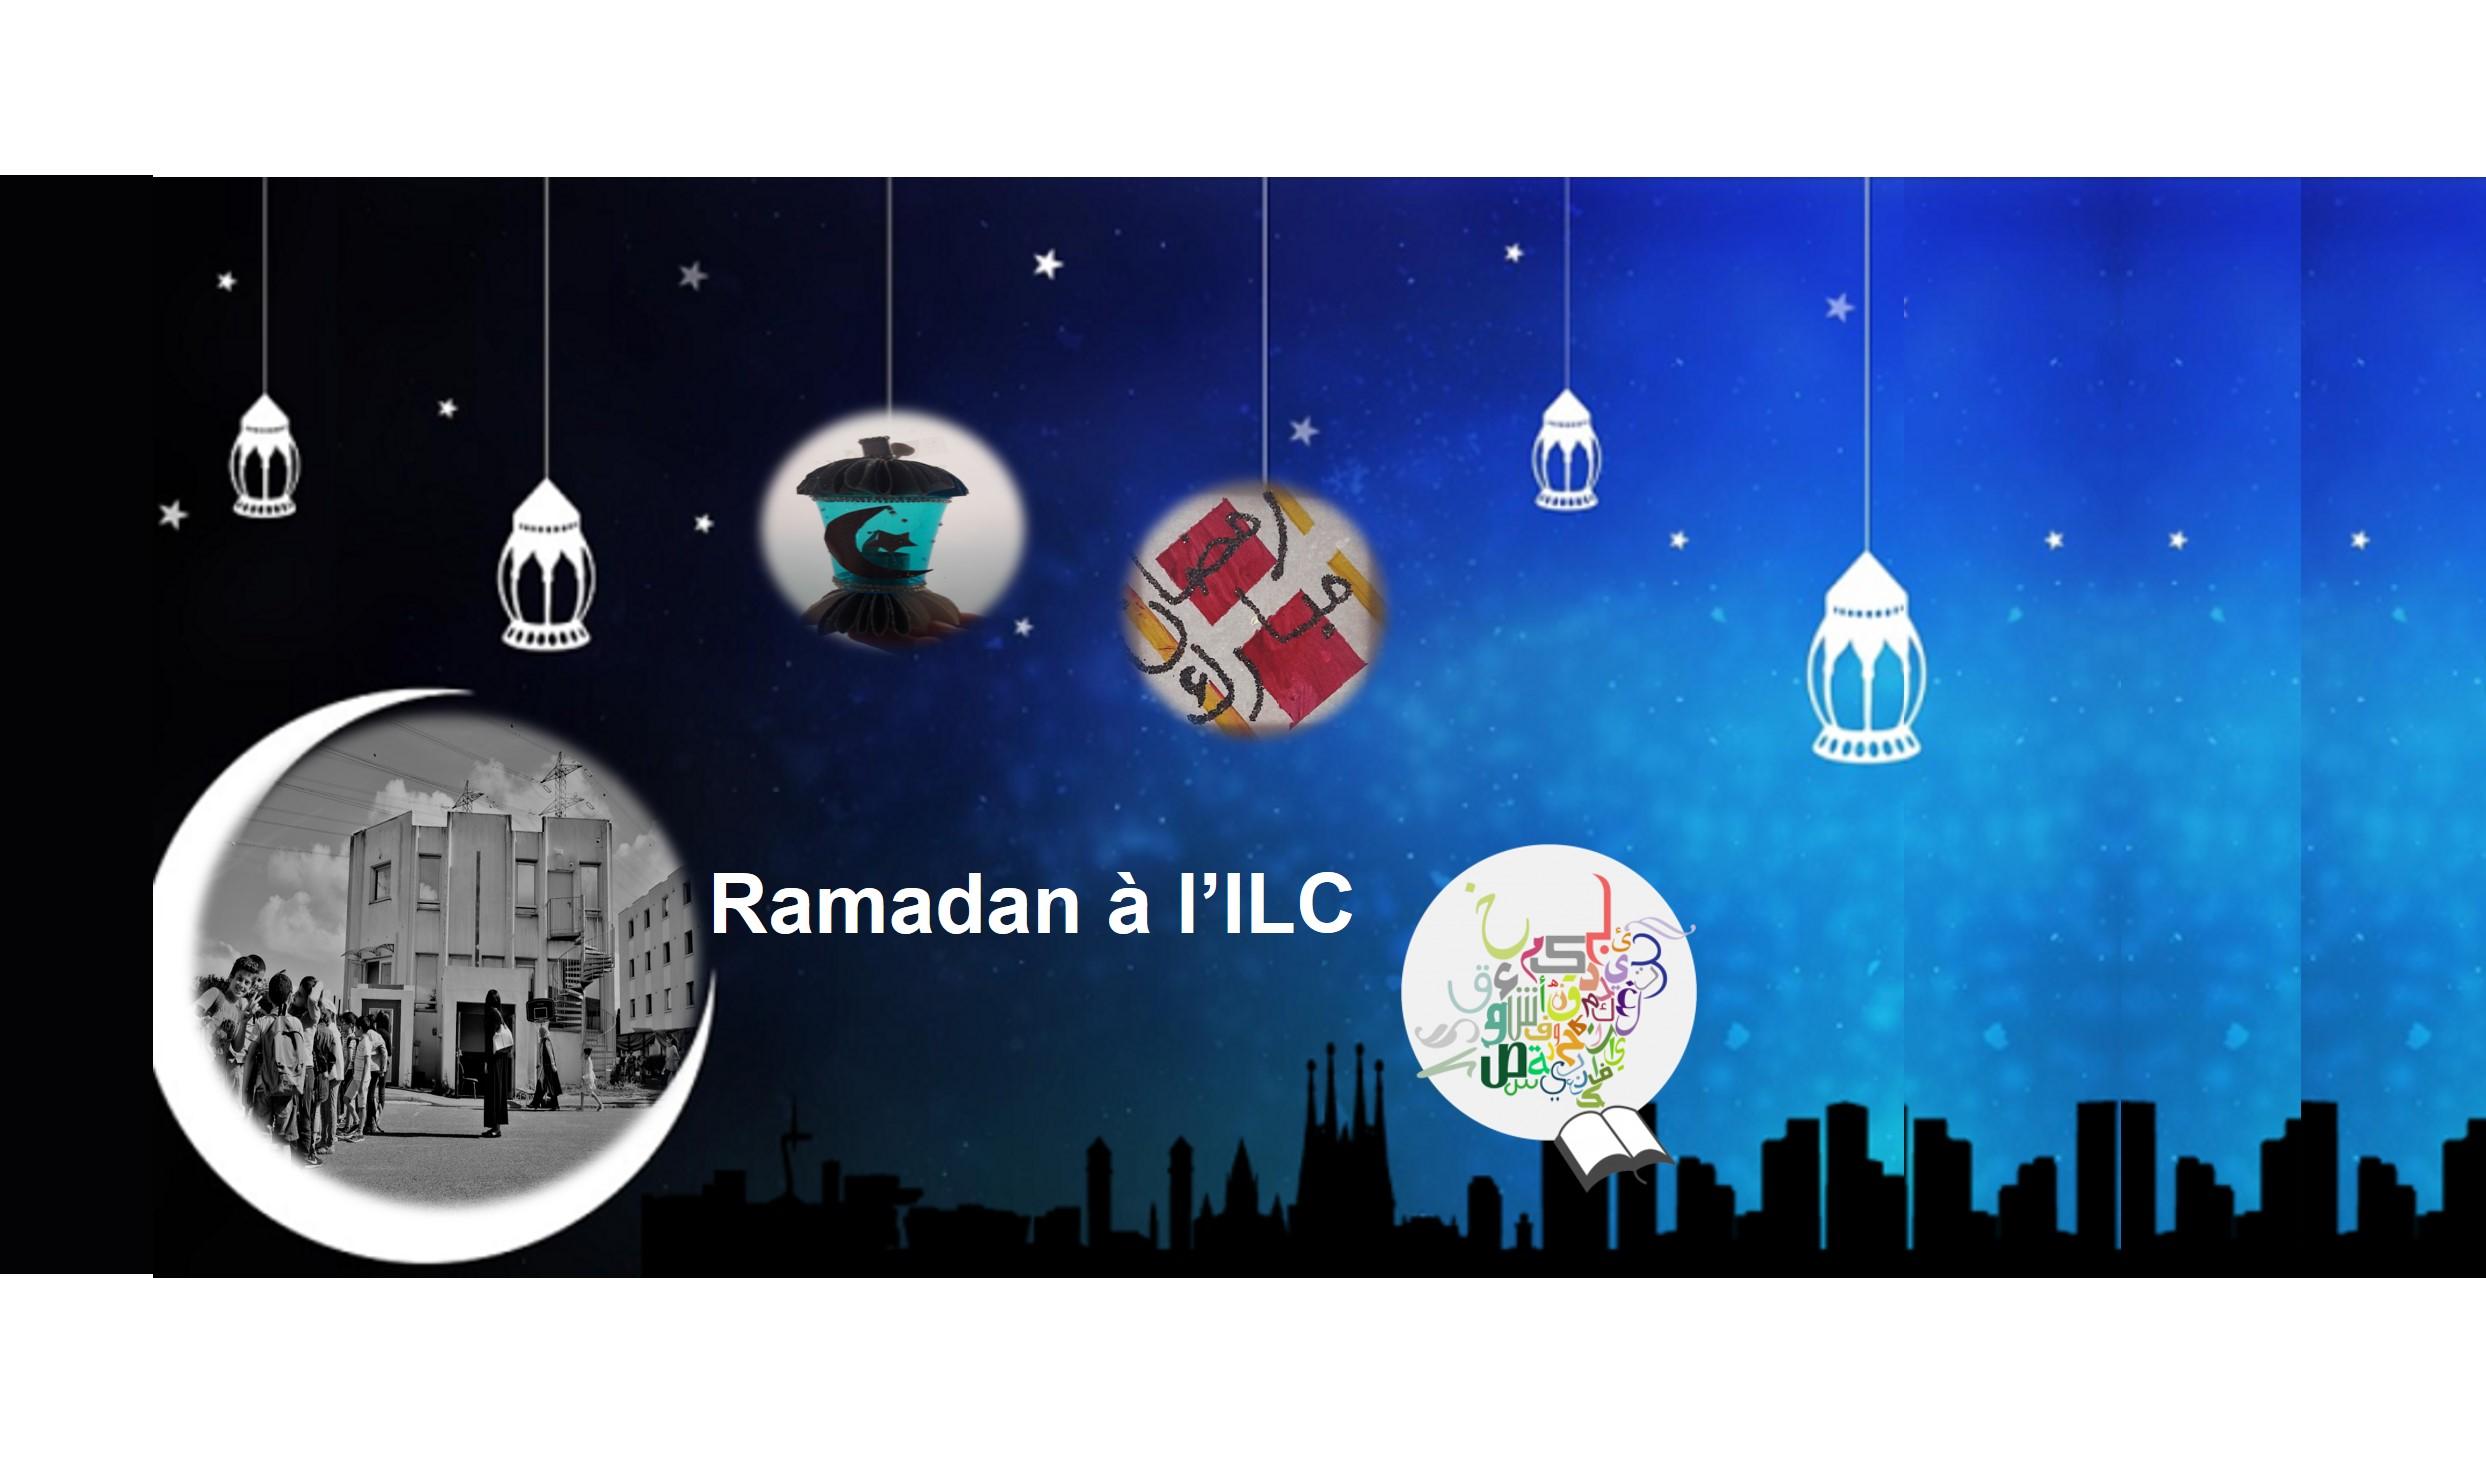 Ramadan à l'ILC